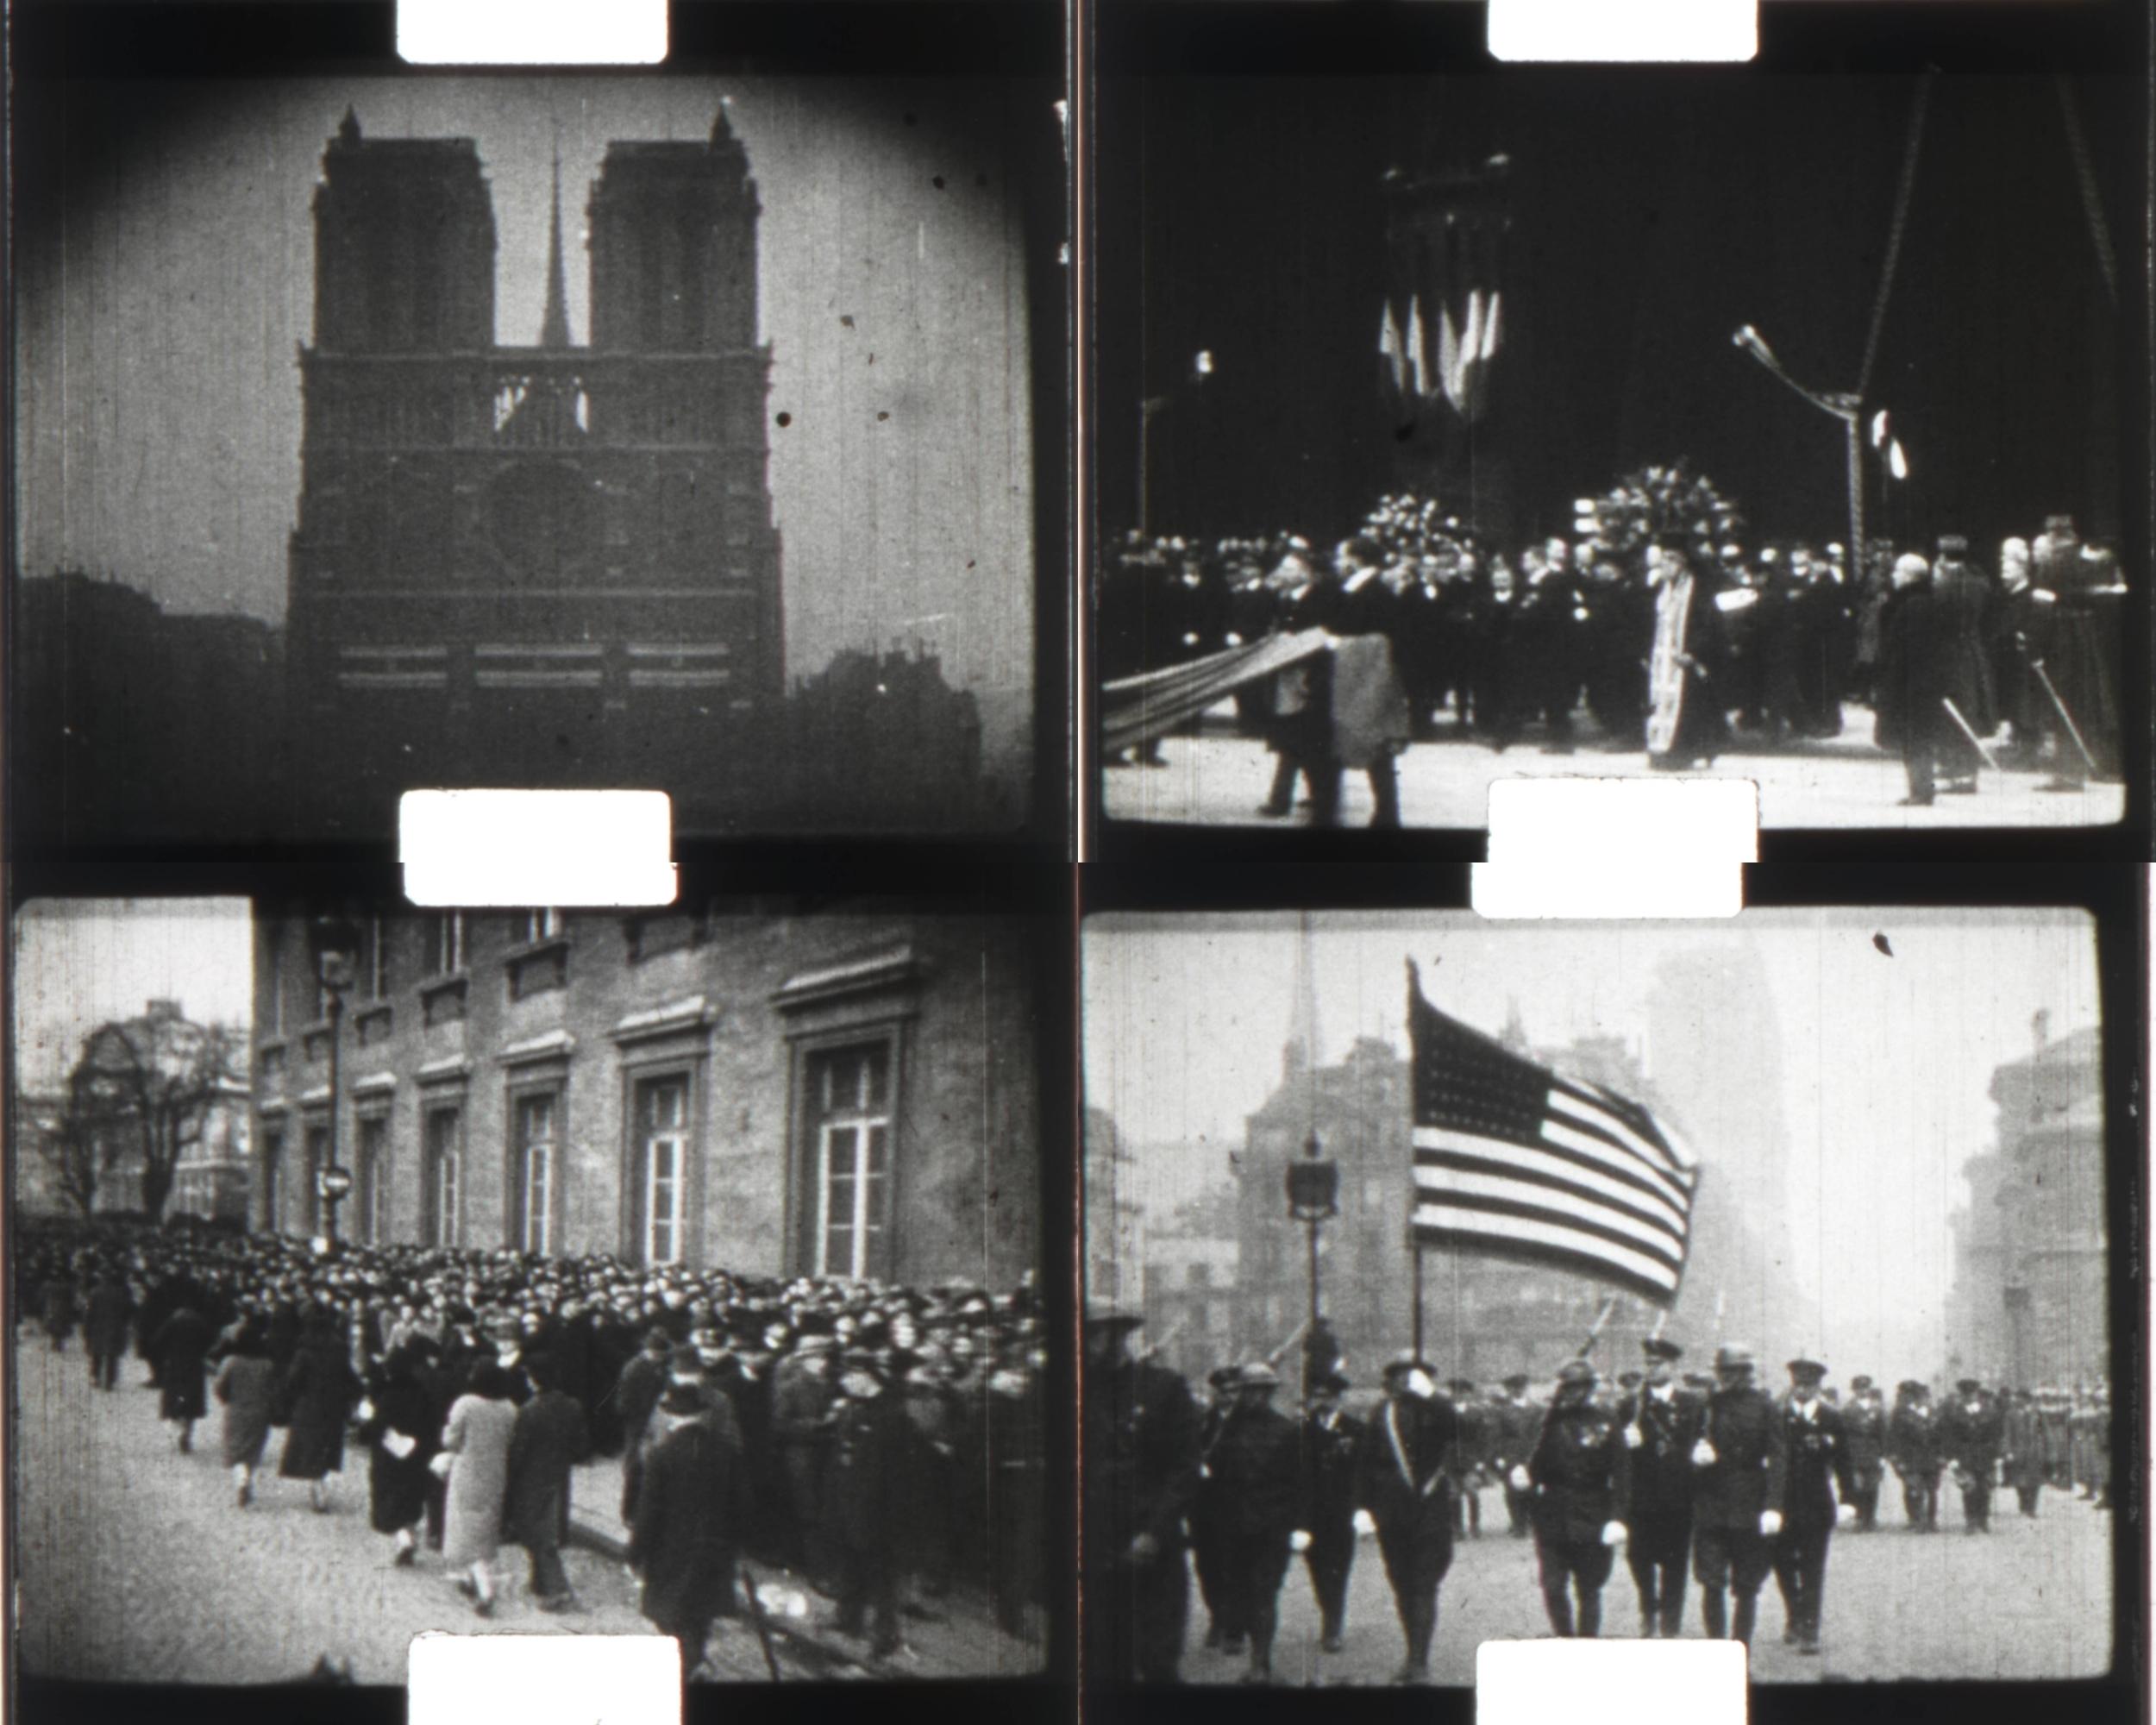 1931 - 9.5mm 『ジョッフル元帥葬儀』 (Funérailles de Maréchal Joffre) 02